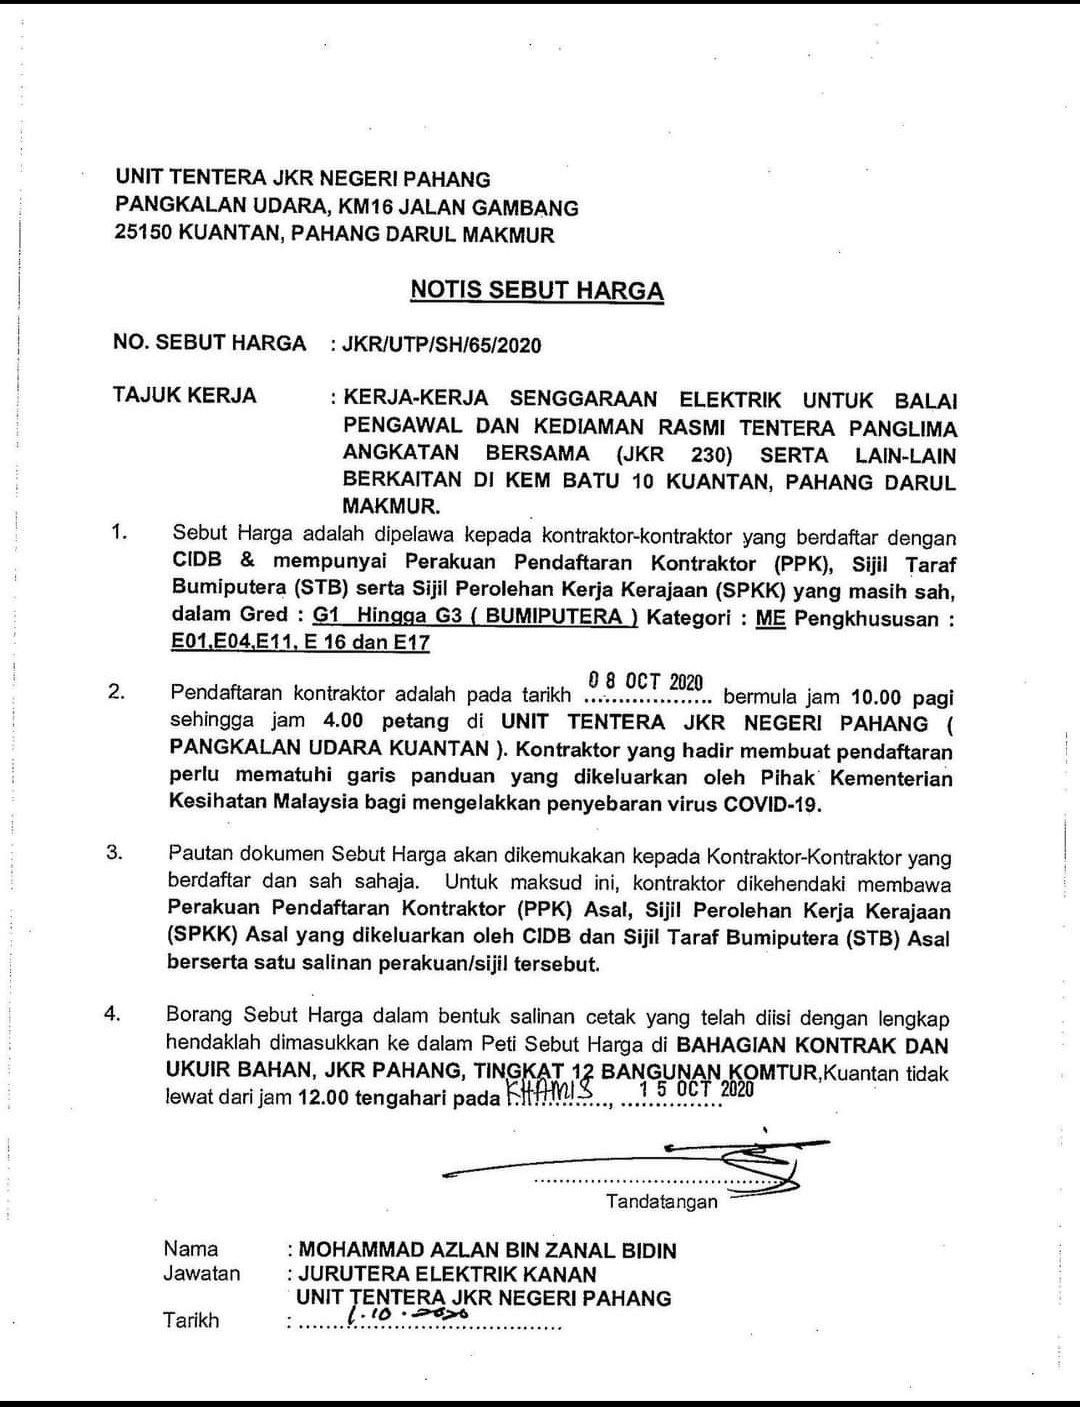 Jkr Pahang On Twitter Pemakluman Notis Sebutharga Unit Tentera Jkrpahang Suhaimij1962